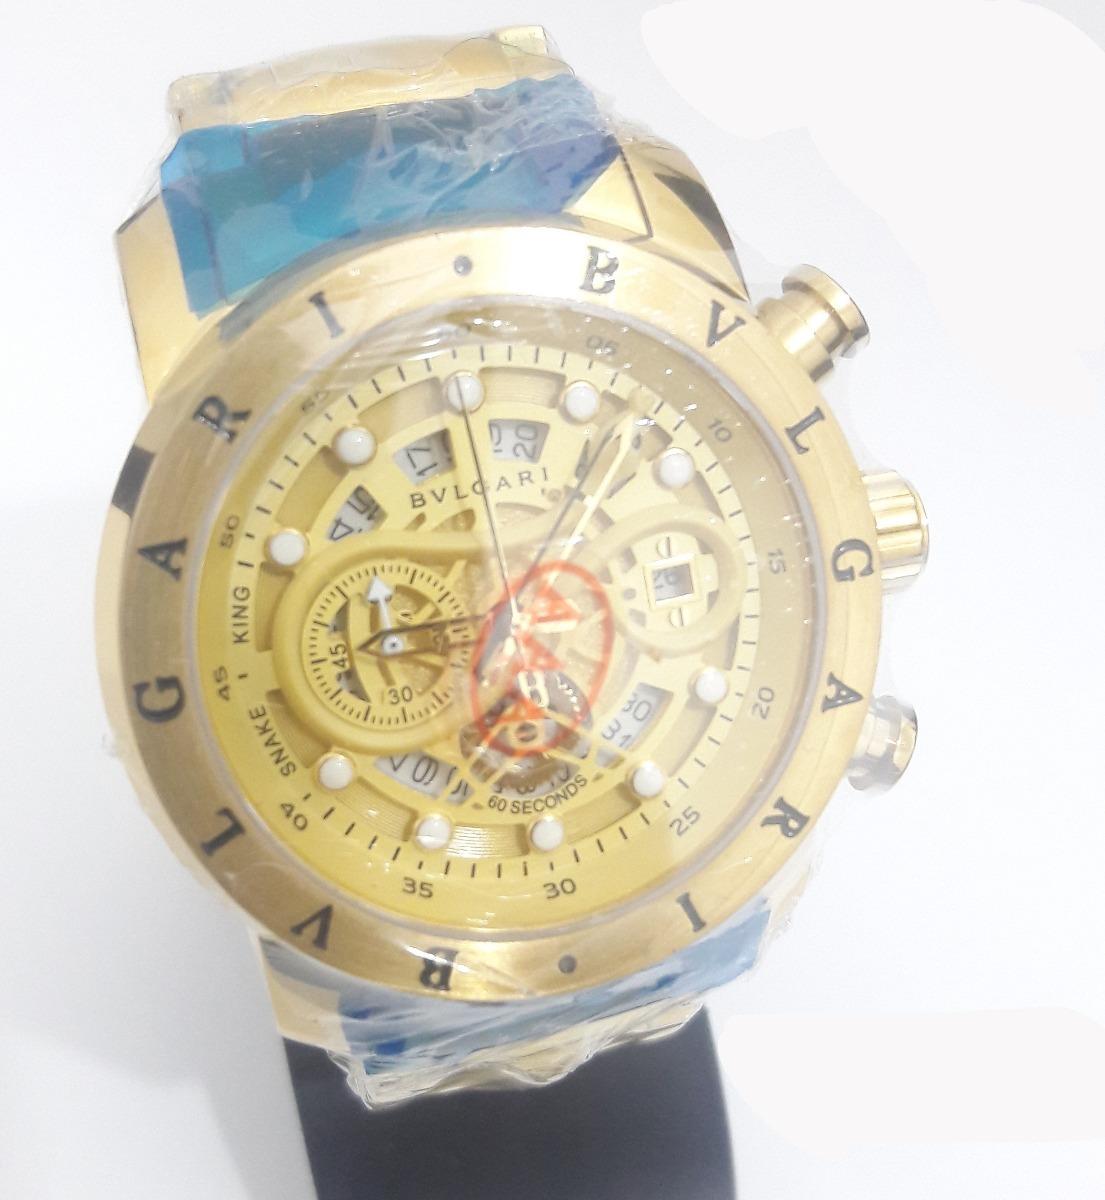 8c0b5da3857 relogio bvlgari cobra ouro dourado fundo azul! iron man. Carregando zoom.